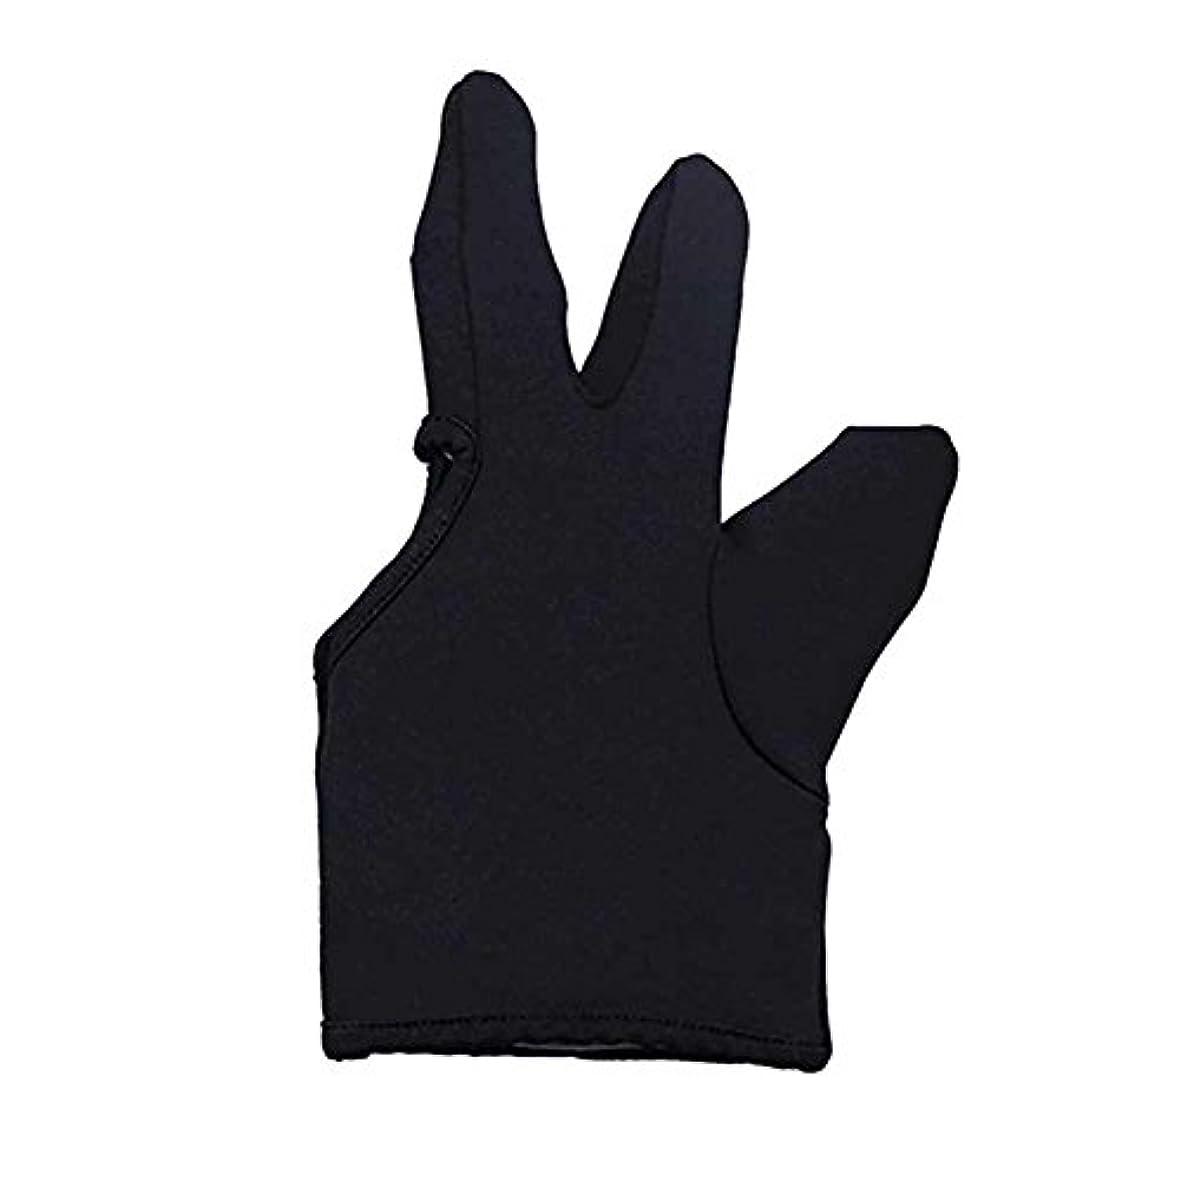 現象神学校予約Liebeye 3本の指耐熱フィンガー保護手袋 ヘアスタイリングツール